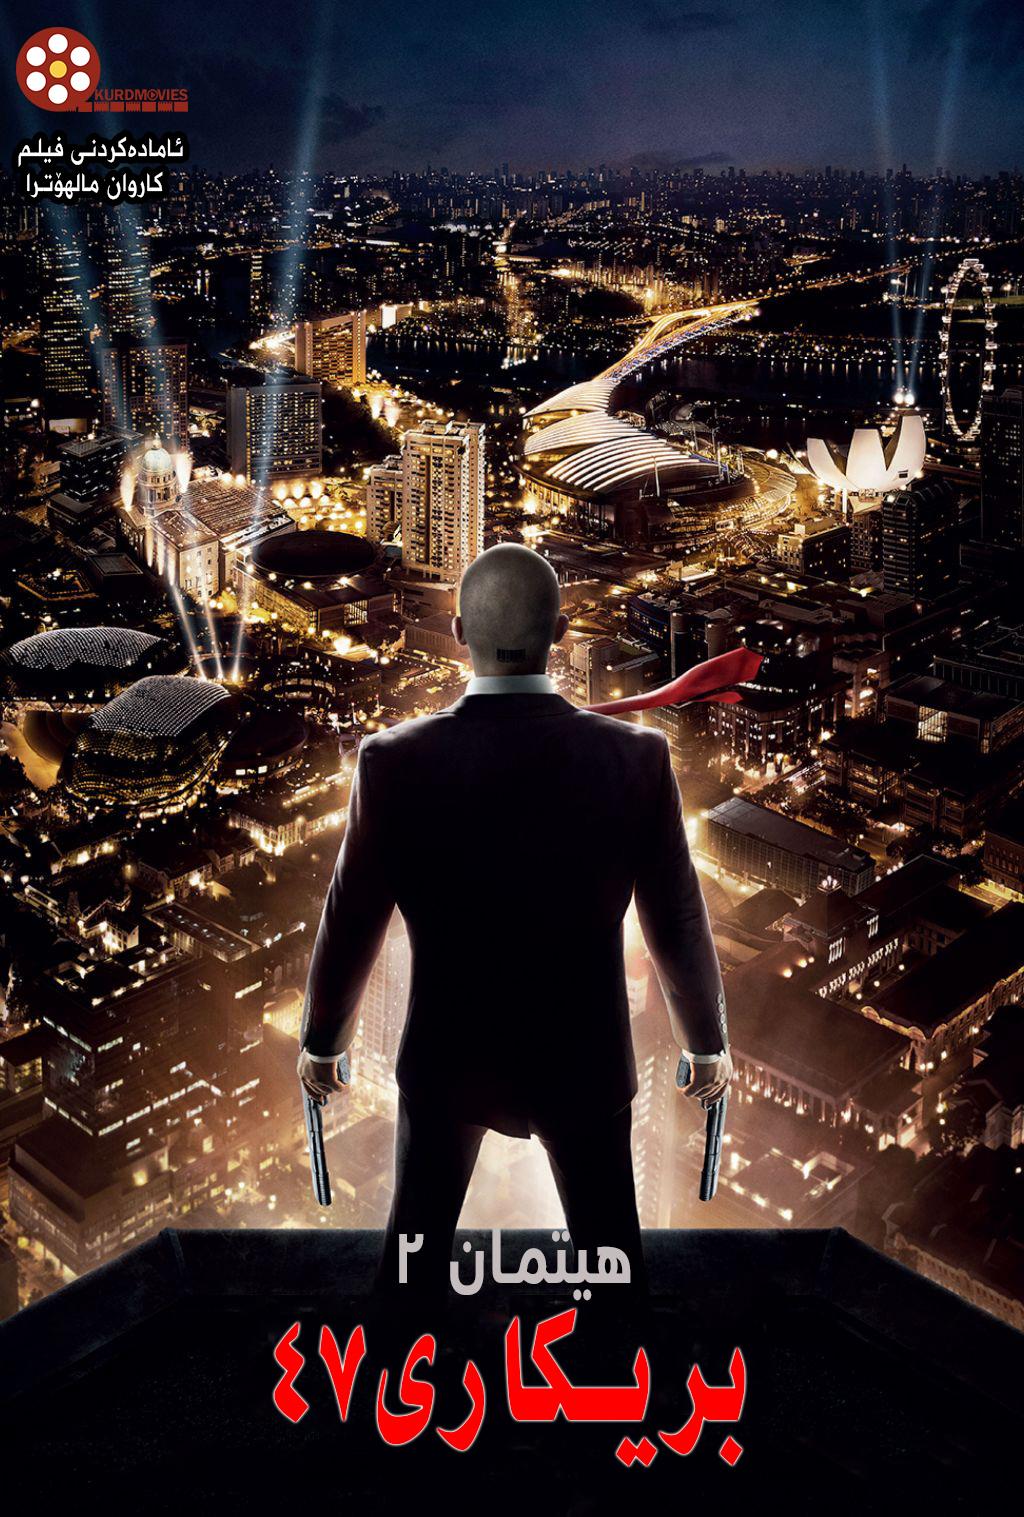 فیلمی دۆبلاژكراوی كوردی  فیلمی دۆبلاژی كوردی Hitman: Agent 47 2015